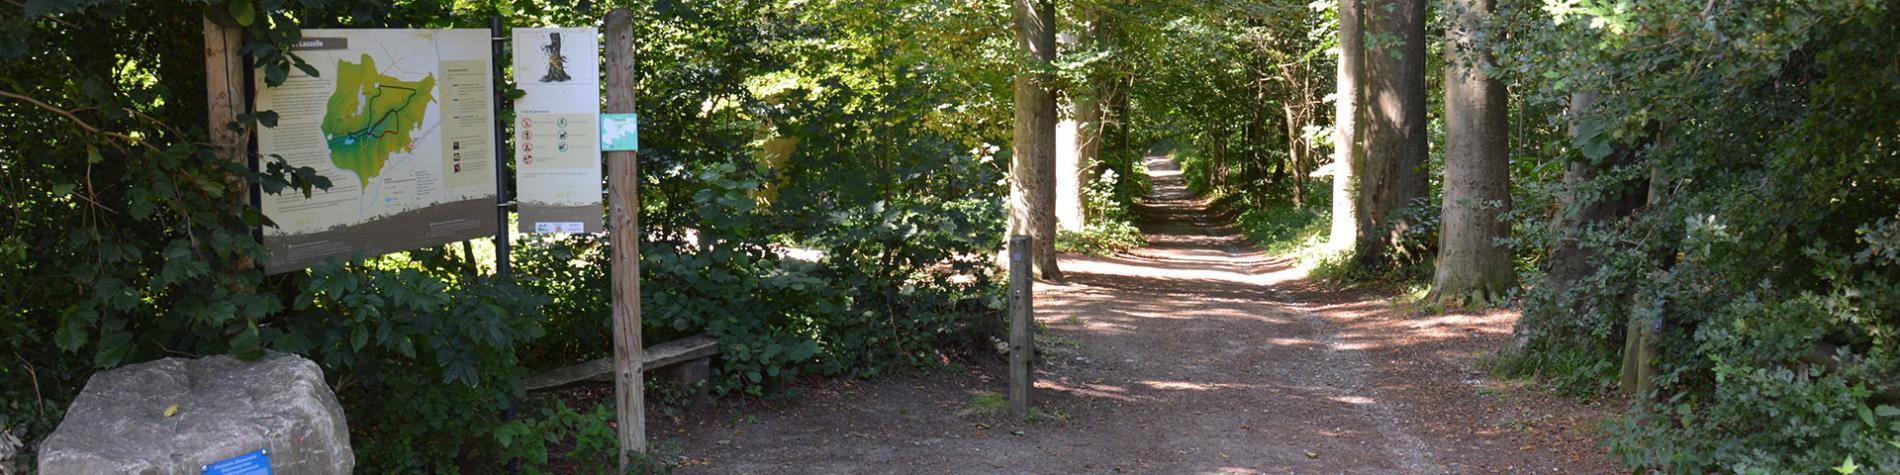 Bois de Lauzelle - Louvain-la-Neuve - Site classé Natura 2000 - 20 ha - patrimoine naturel - Ottignies-Louvain-la-Neuve - Brabant wallon